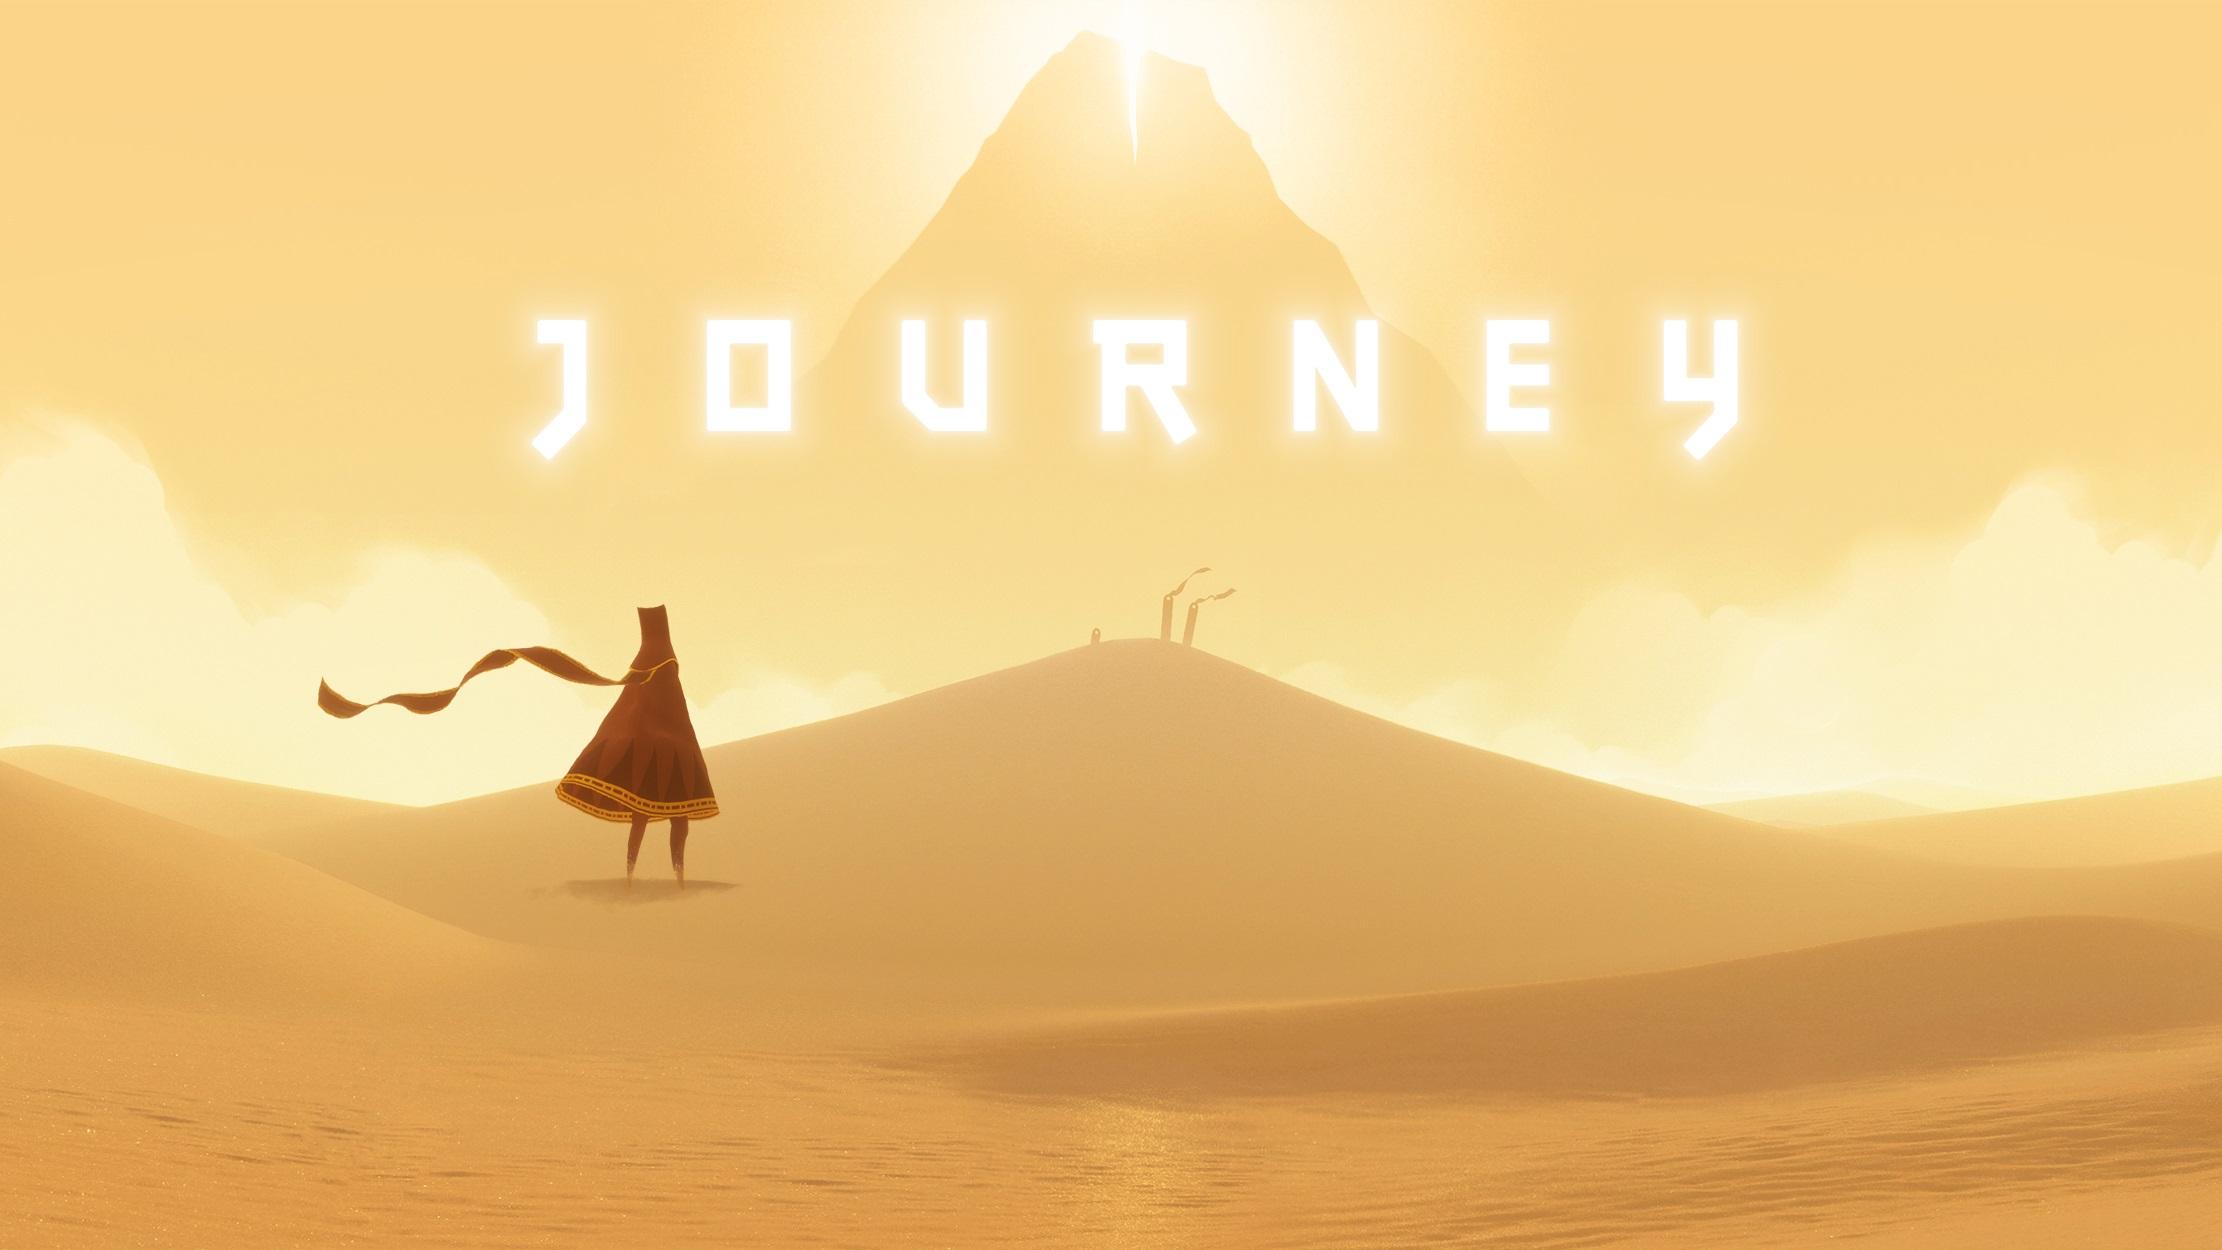 Journey - PS4 [Digital Code] $7.49